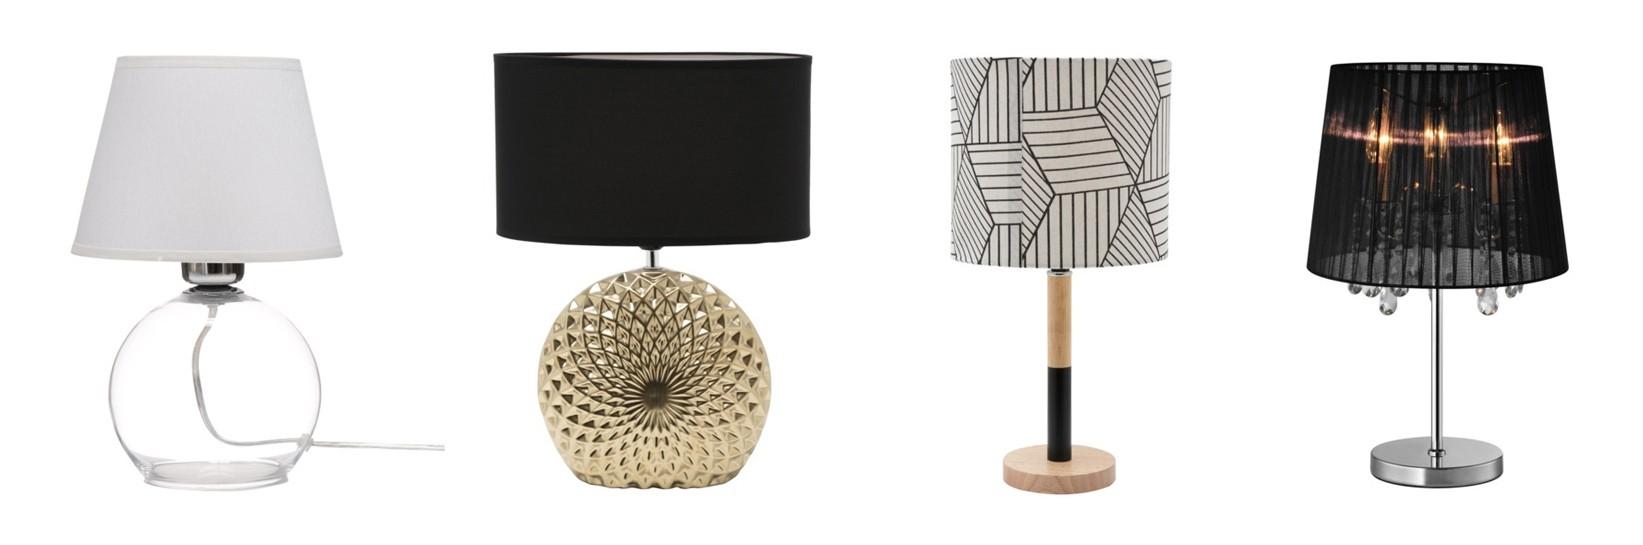 Jaką Lampę Wybrać Do Jadalni Salony Agata